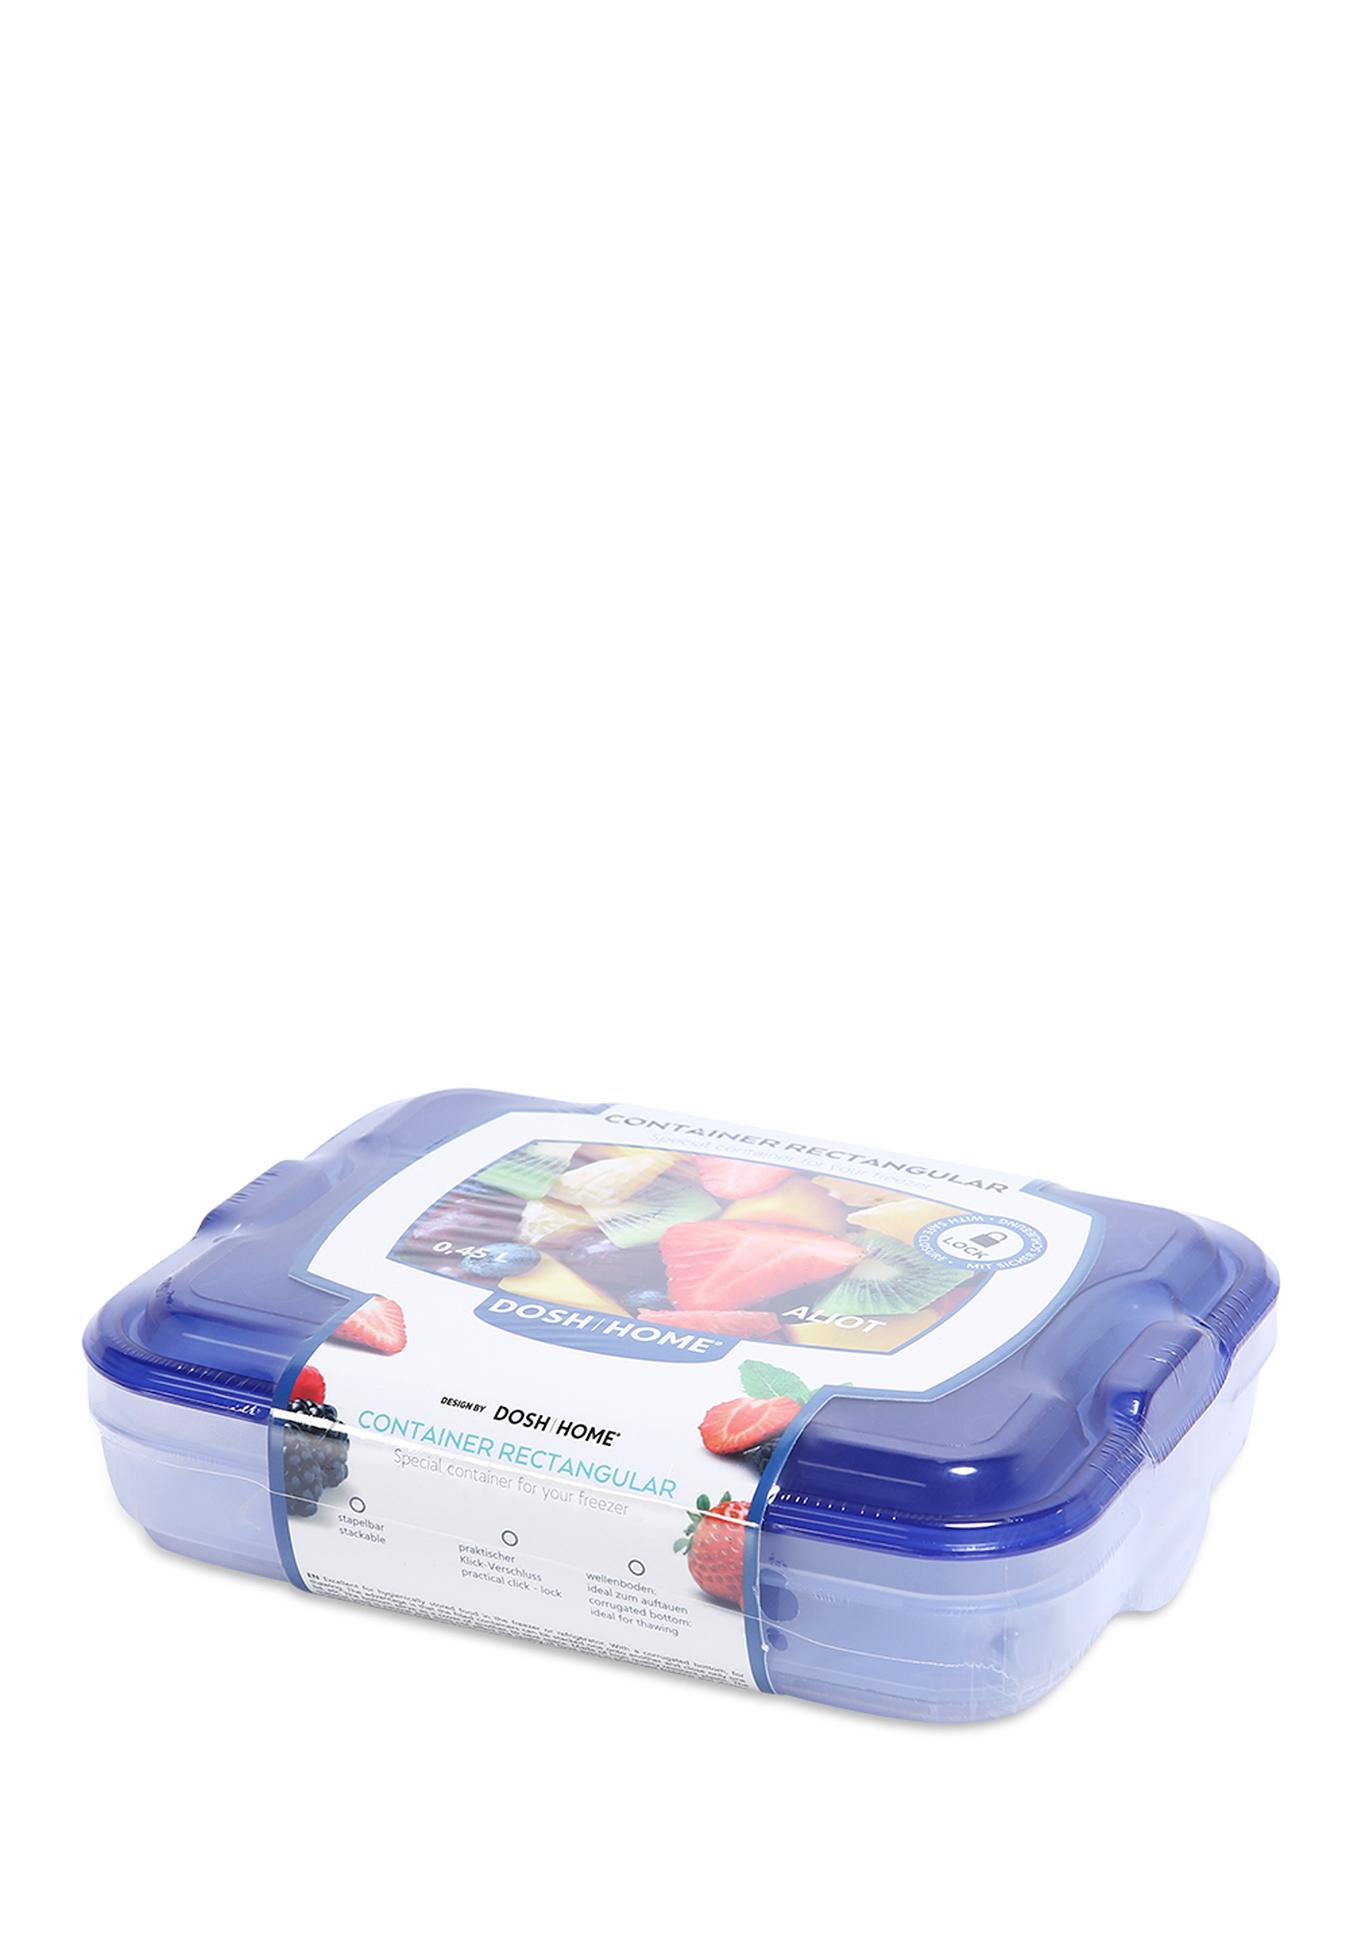 Фото - Контейнер ALIOT, прямоугольный контейнеры для еды dosh home контейнер прямоугольный aliot 1 5 л